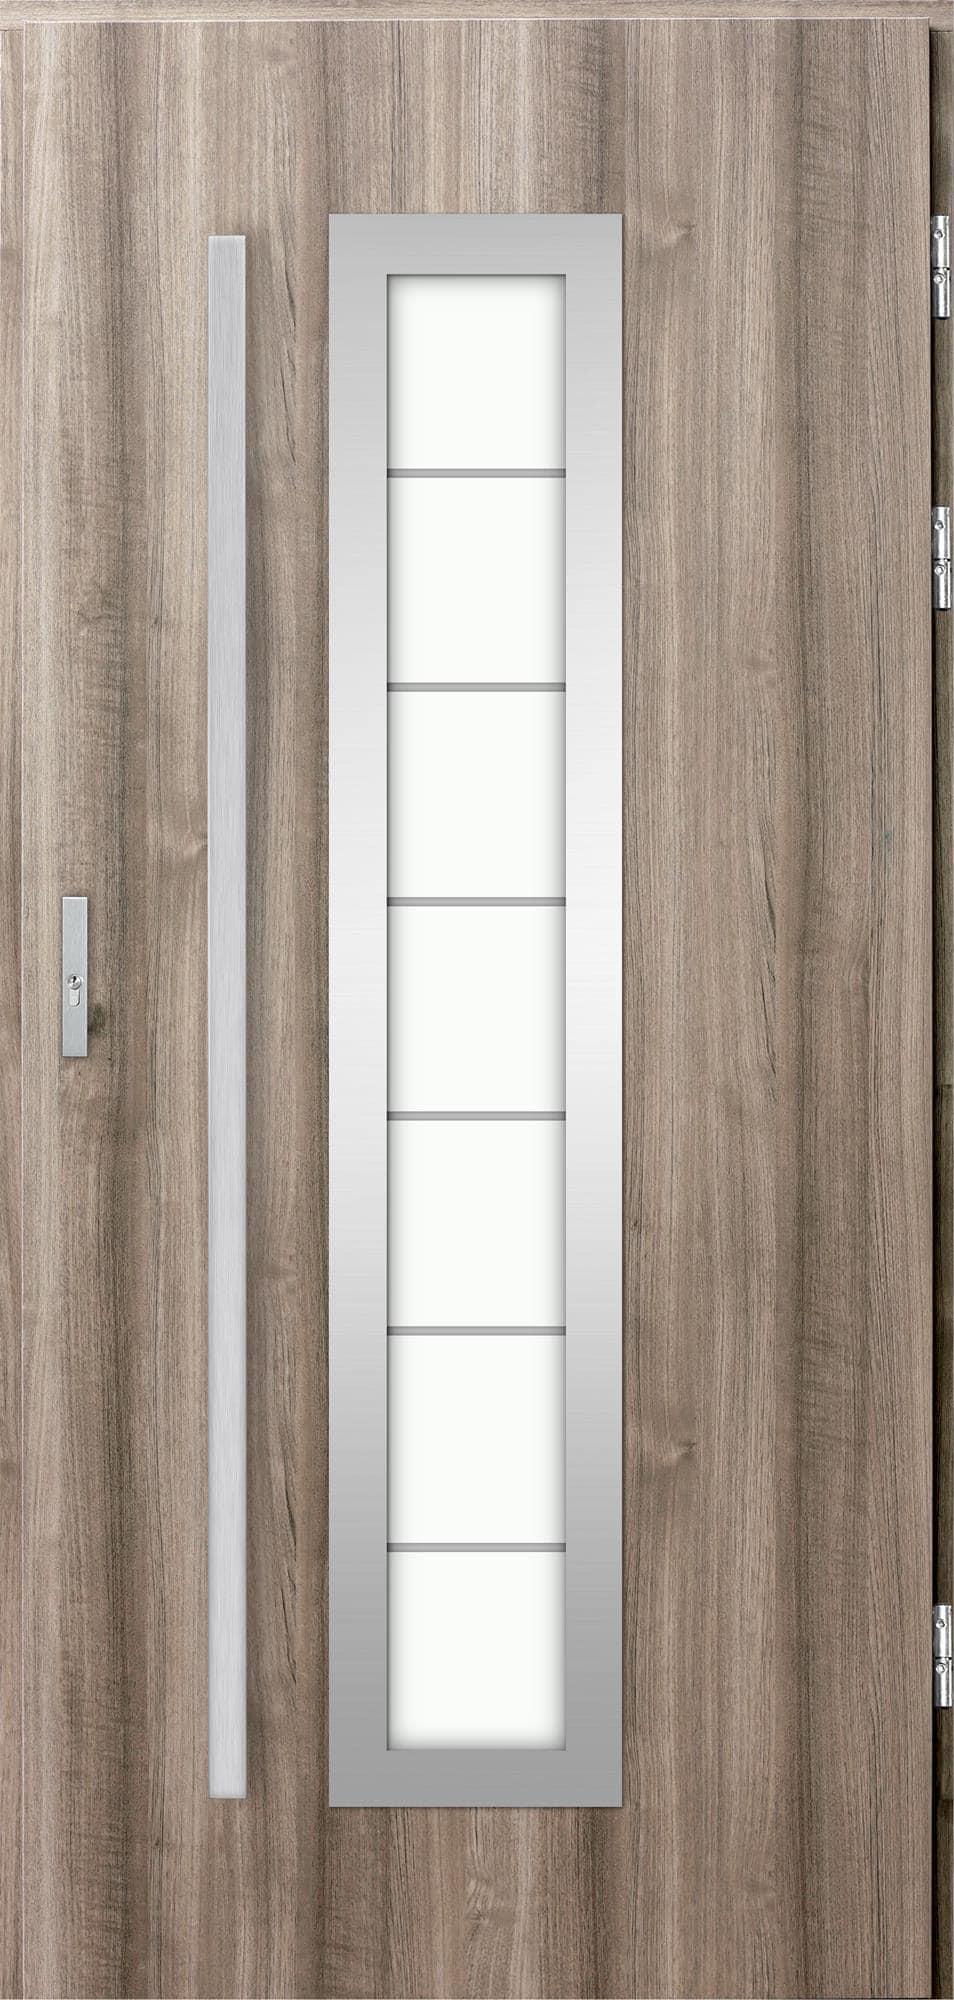 Venkovní vchodové dveøe Hevelio, svìtlý dub